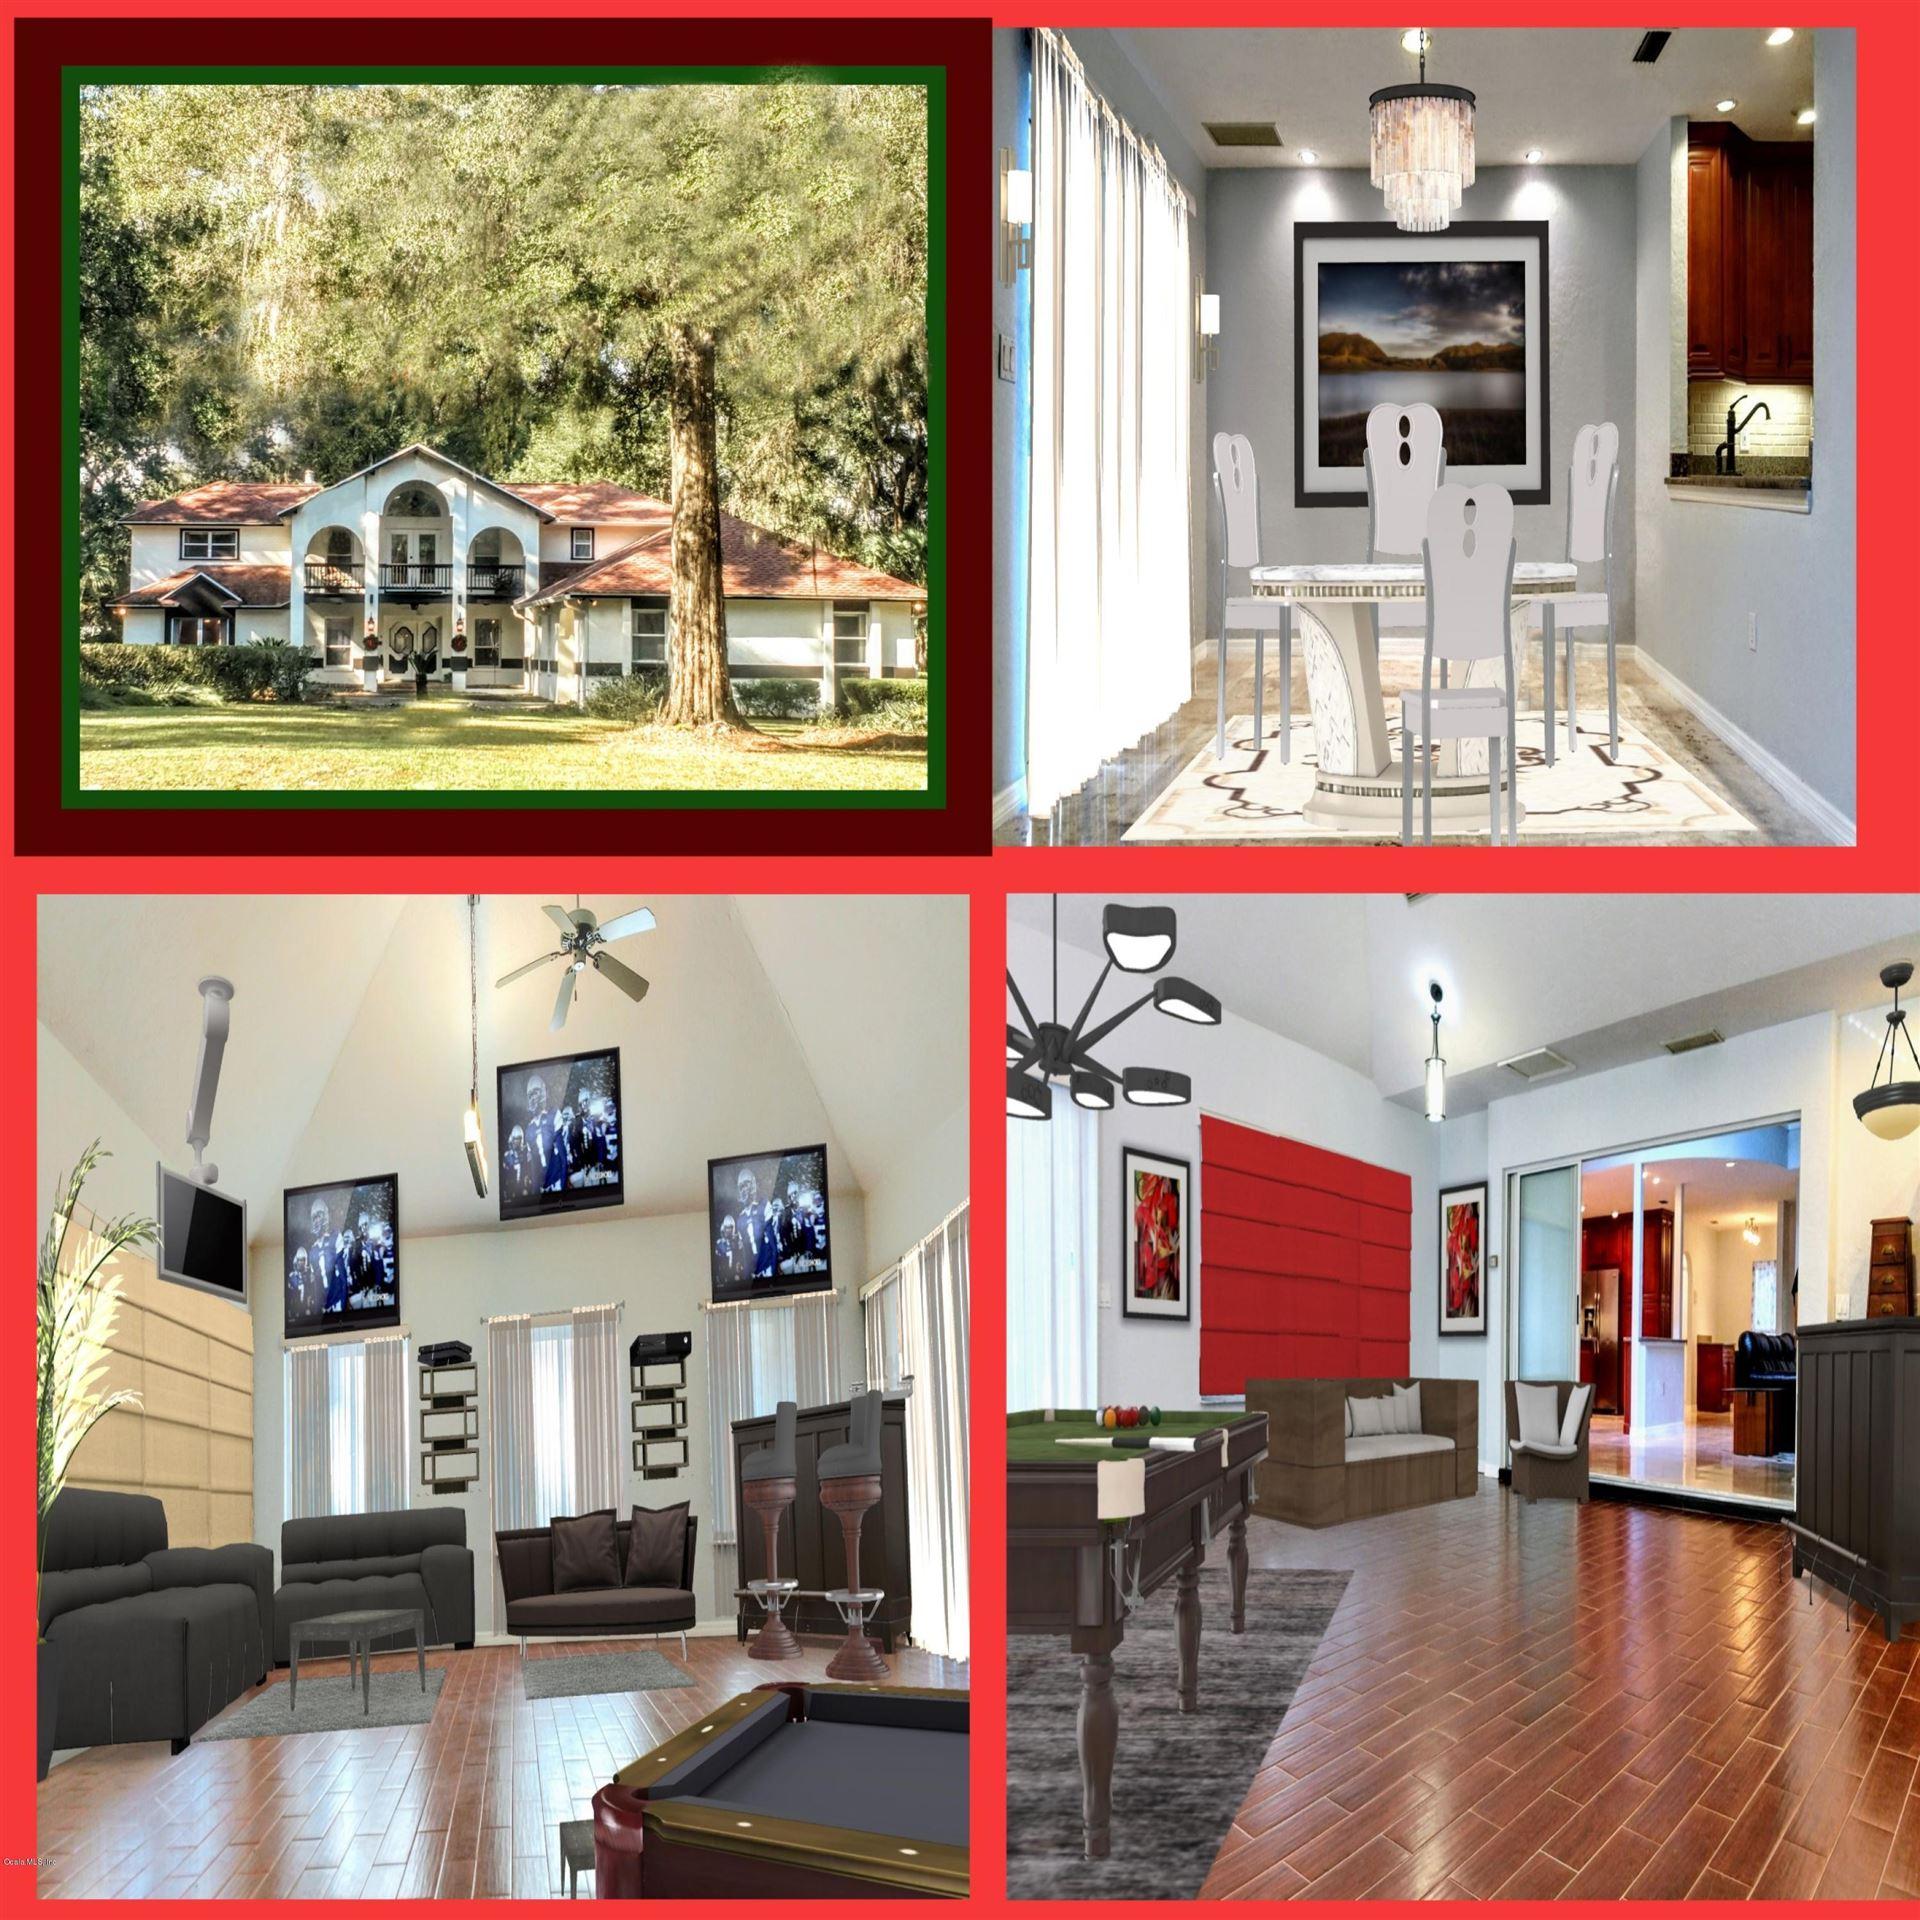 3650 SW 24th Avenue Road, Ocala, FL 34471 - MLS#: 566824